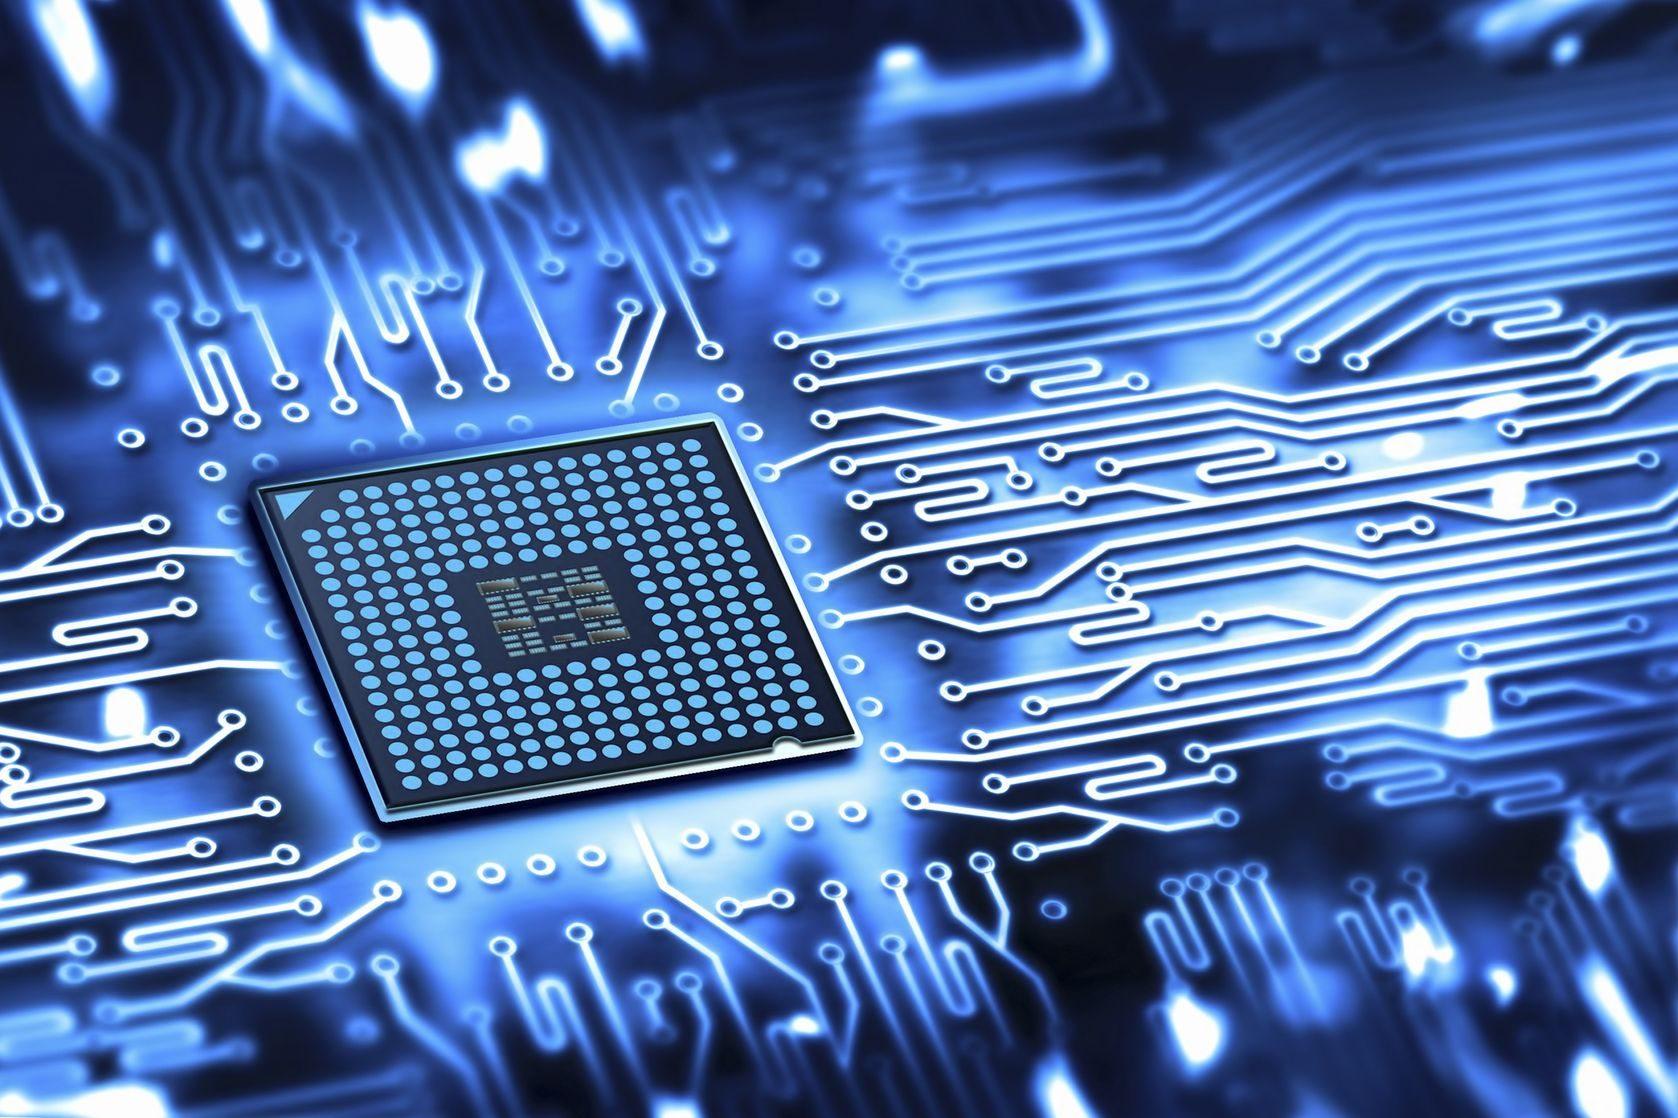 Arquitectura de Computadoras ENE-JUN 2021